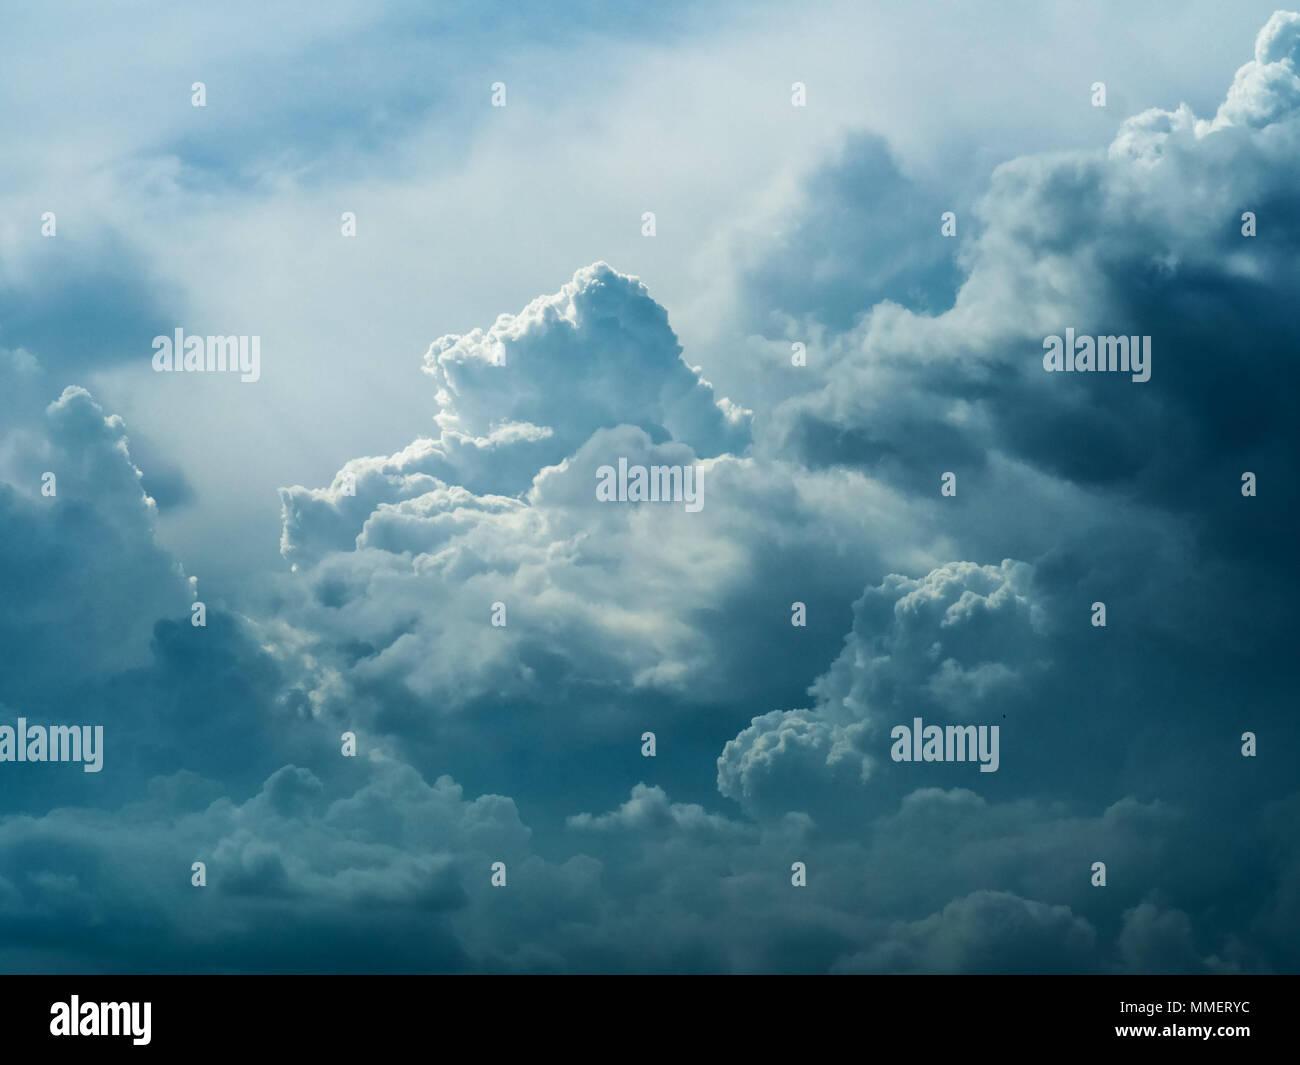 Bella mozzafiato su larga scala la formazione di Cloud Cloudscape Panorama Vista panoramica Immagini Stock